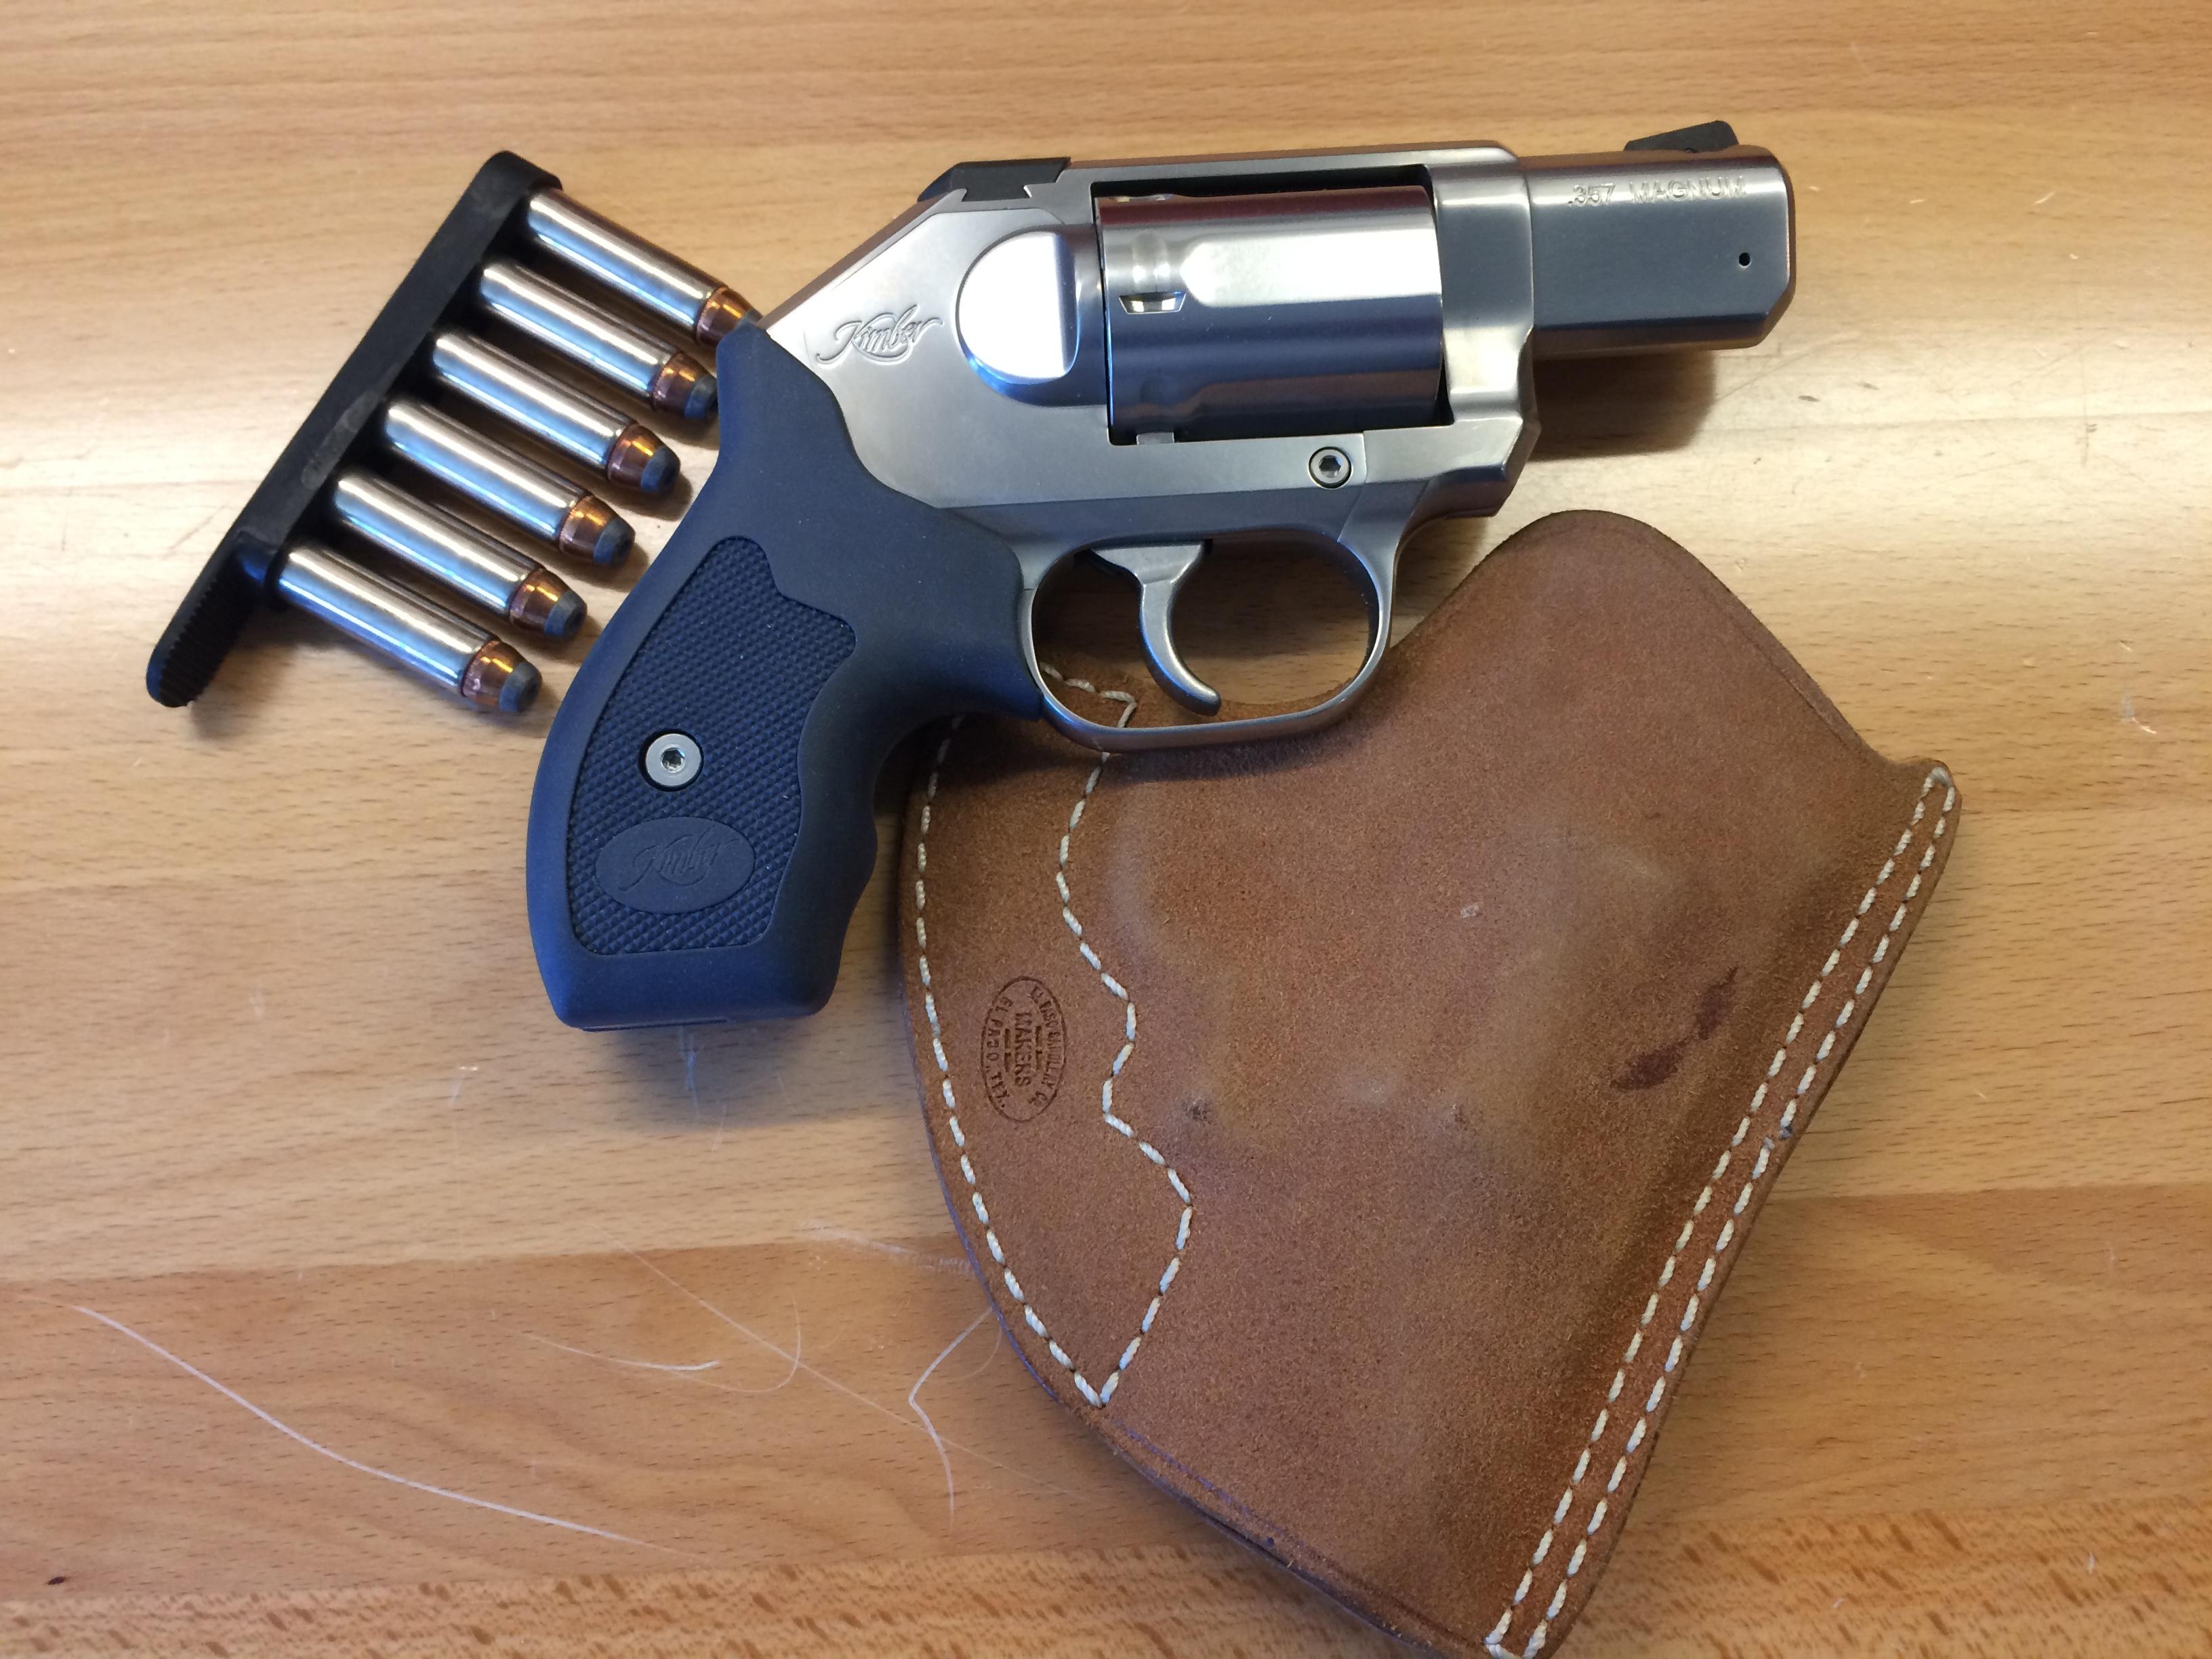 Kimber K6s not for Pocket Carry-img_5643.jpg